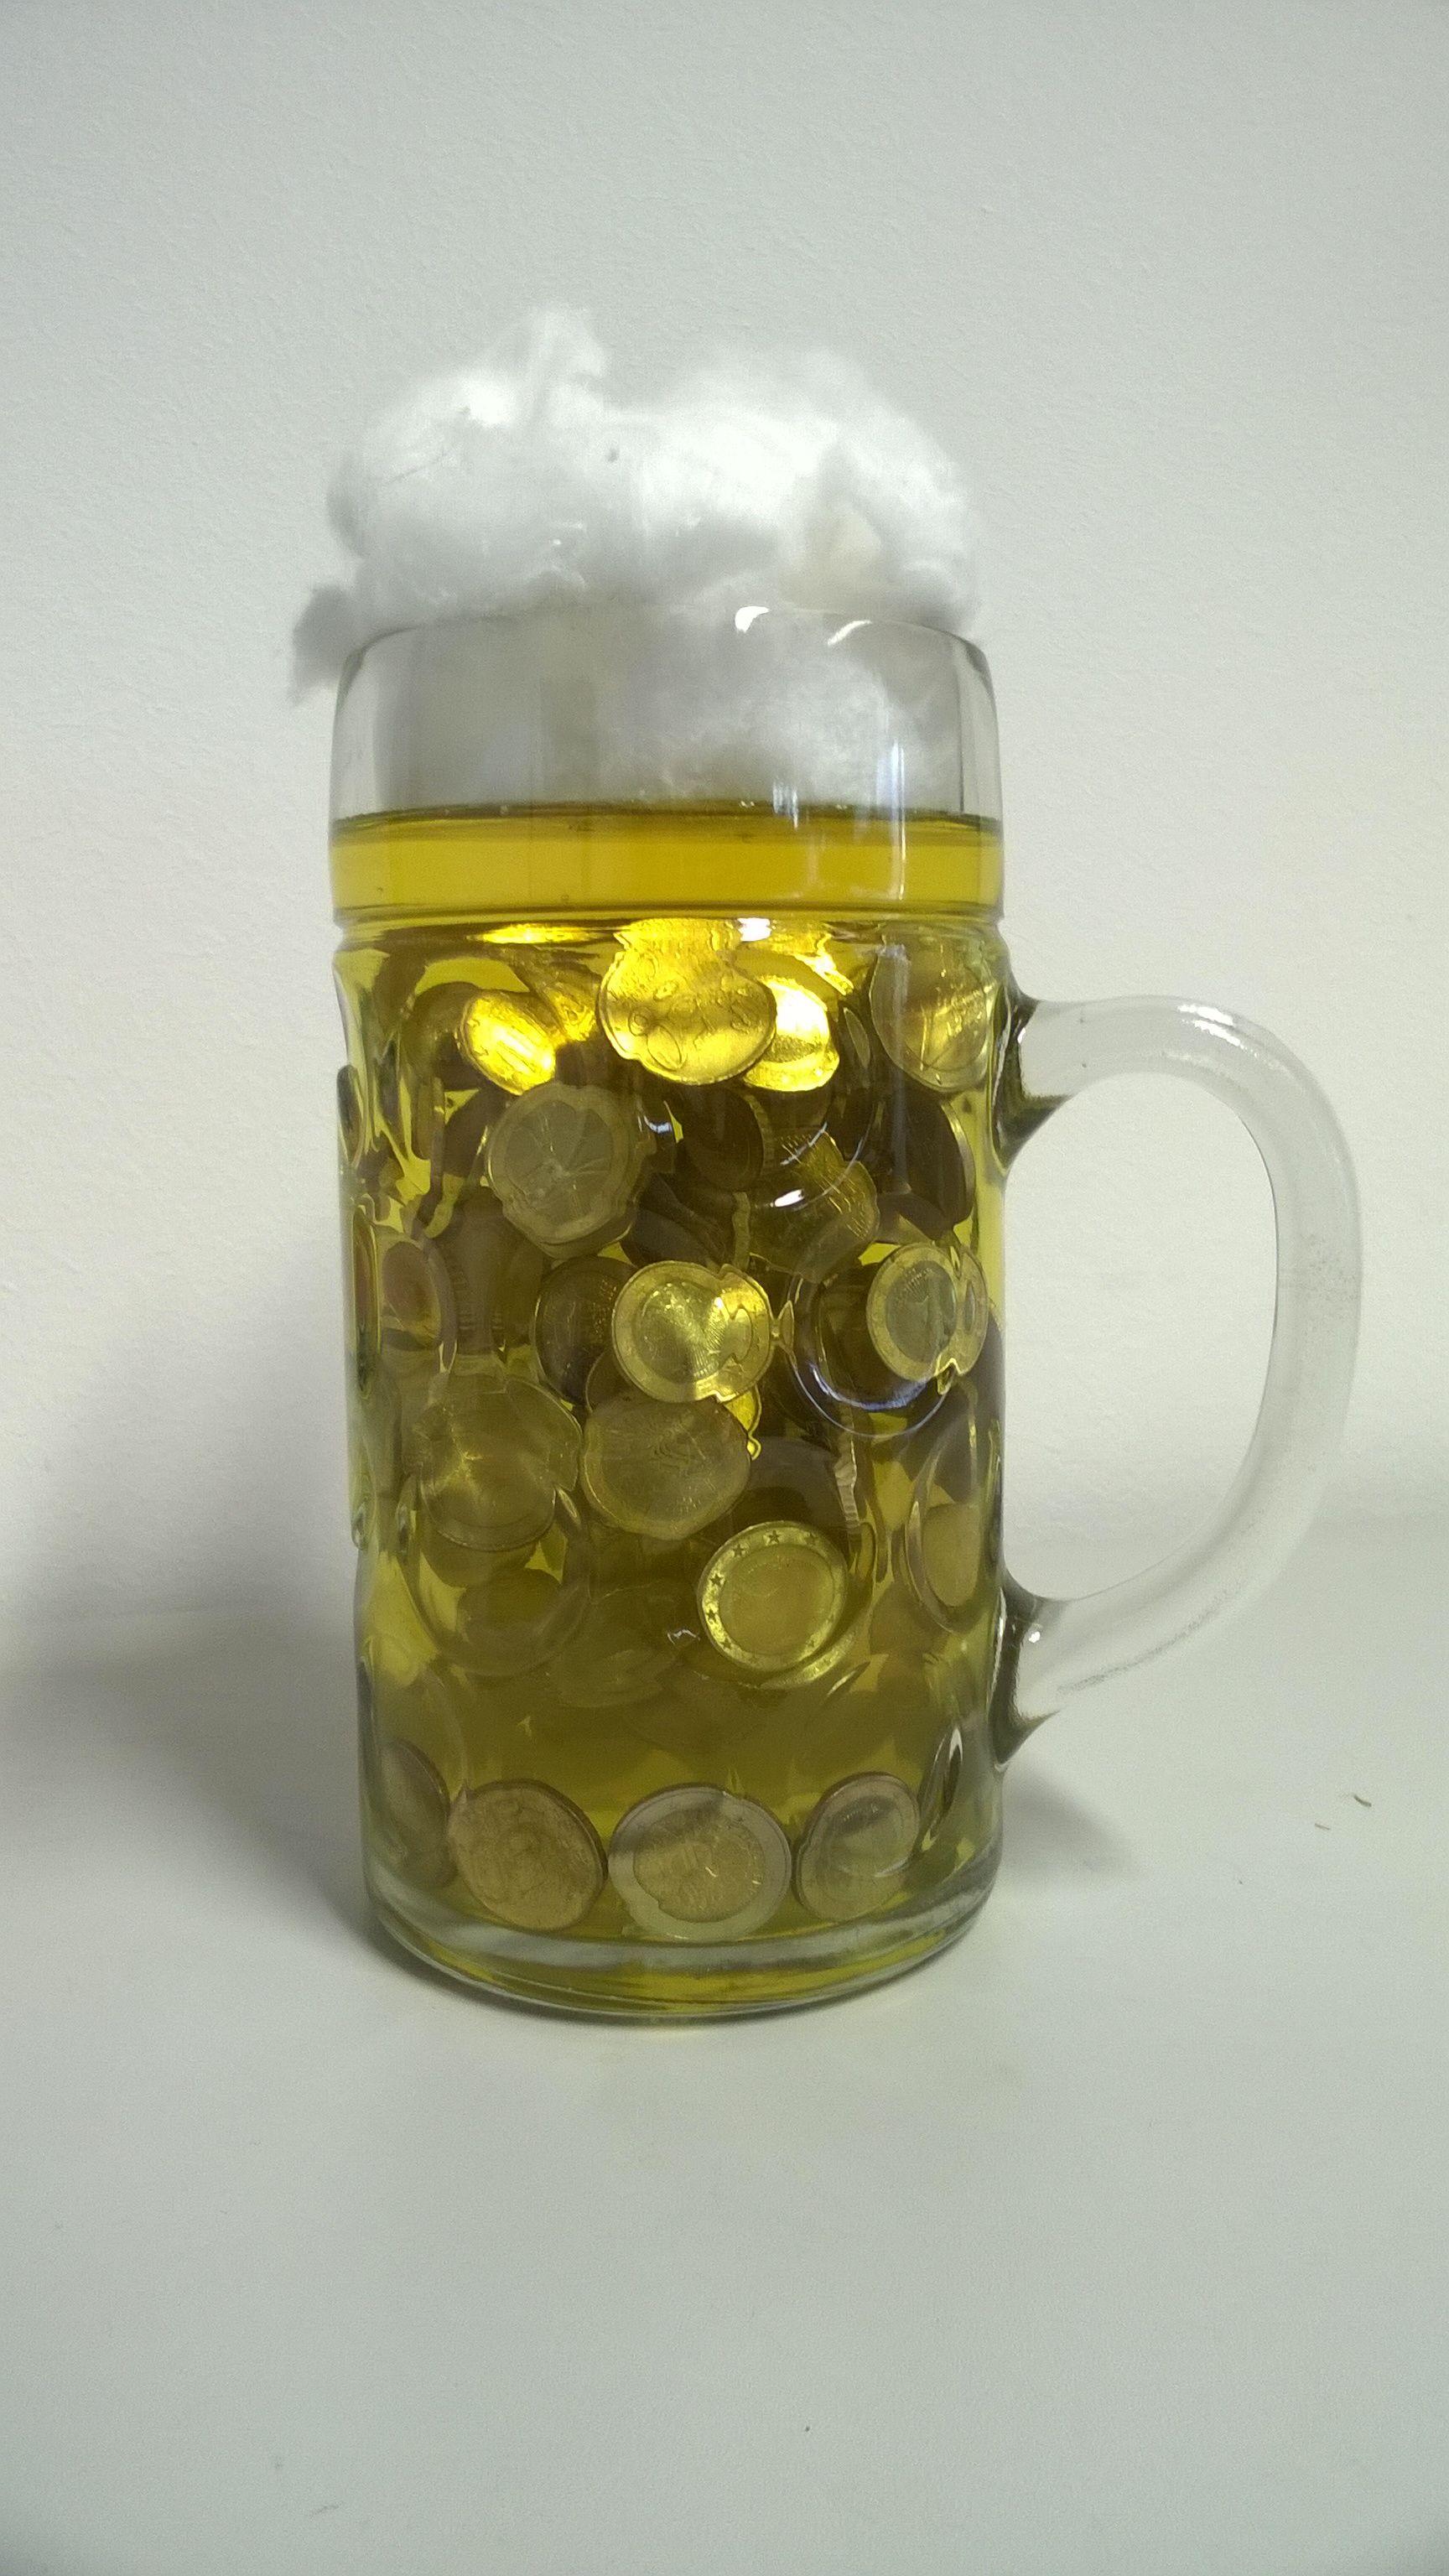 Eine Bier Masskrug Voll Geld Ein Geldgeschenk Zum Aschied Eines